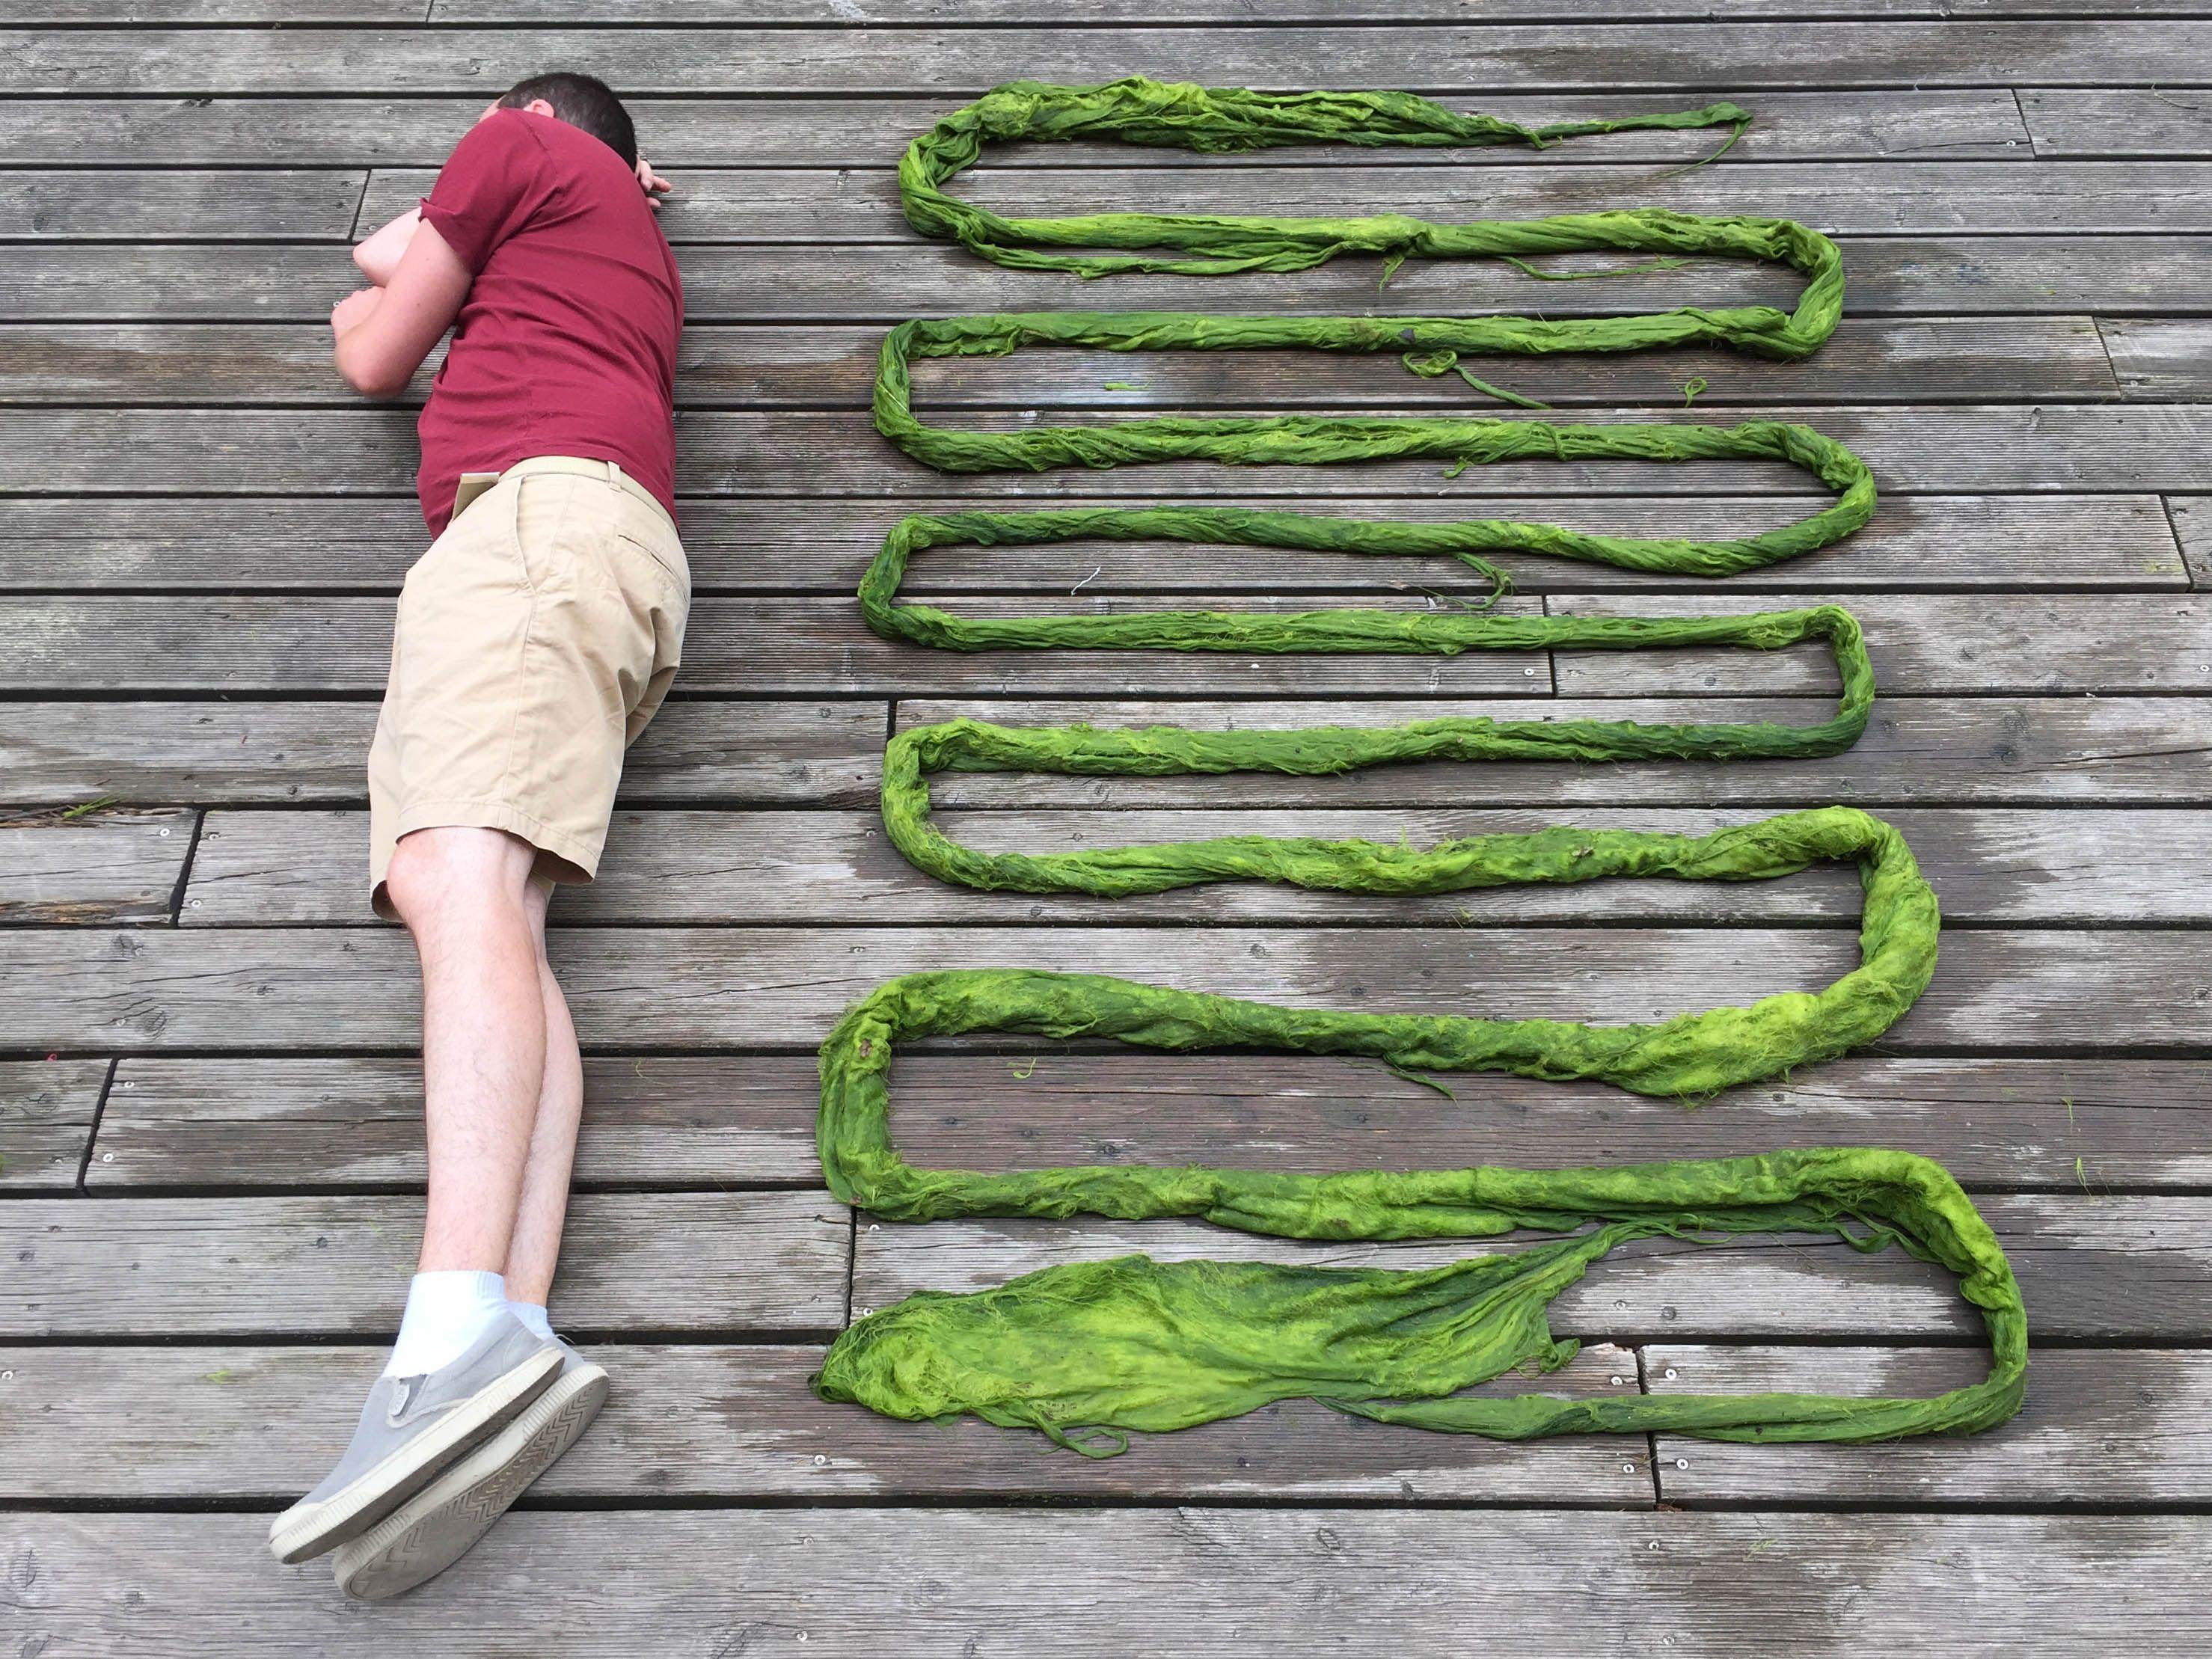 11m of harvested algae